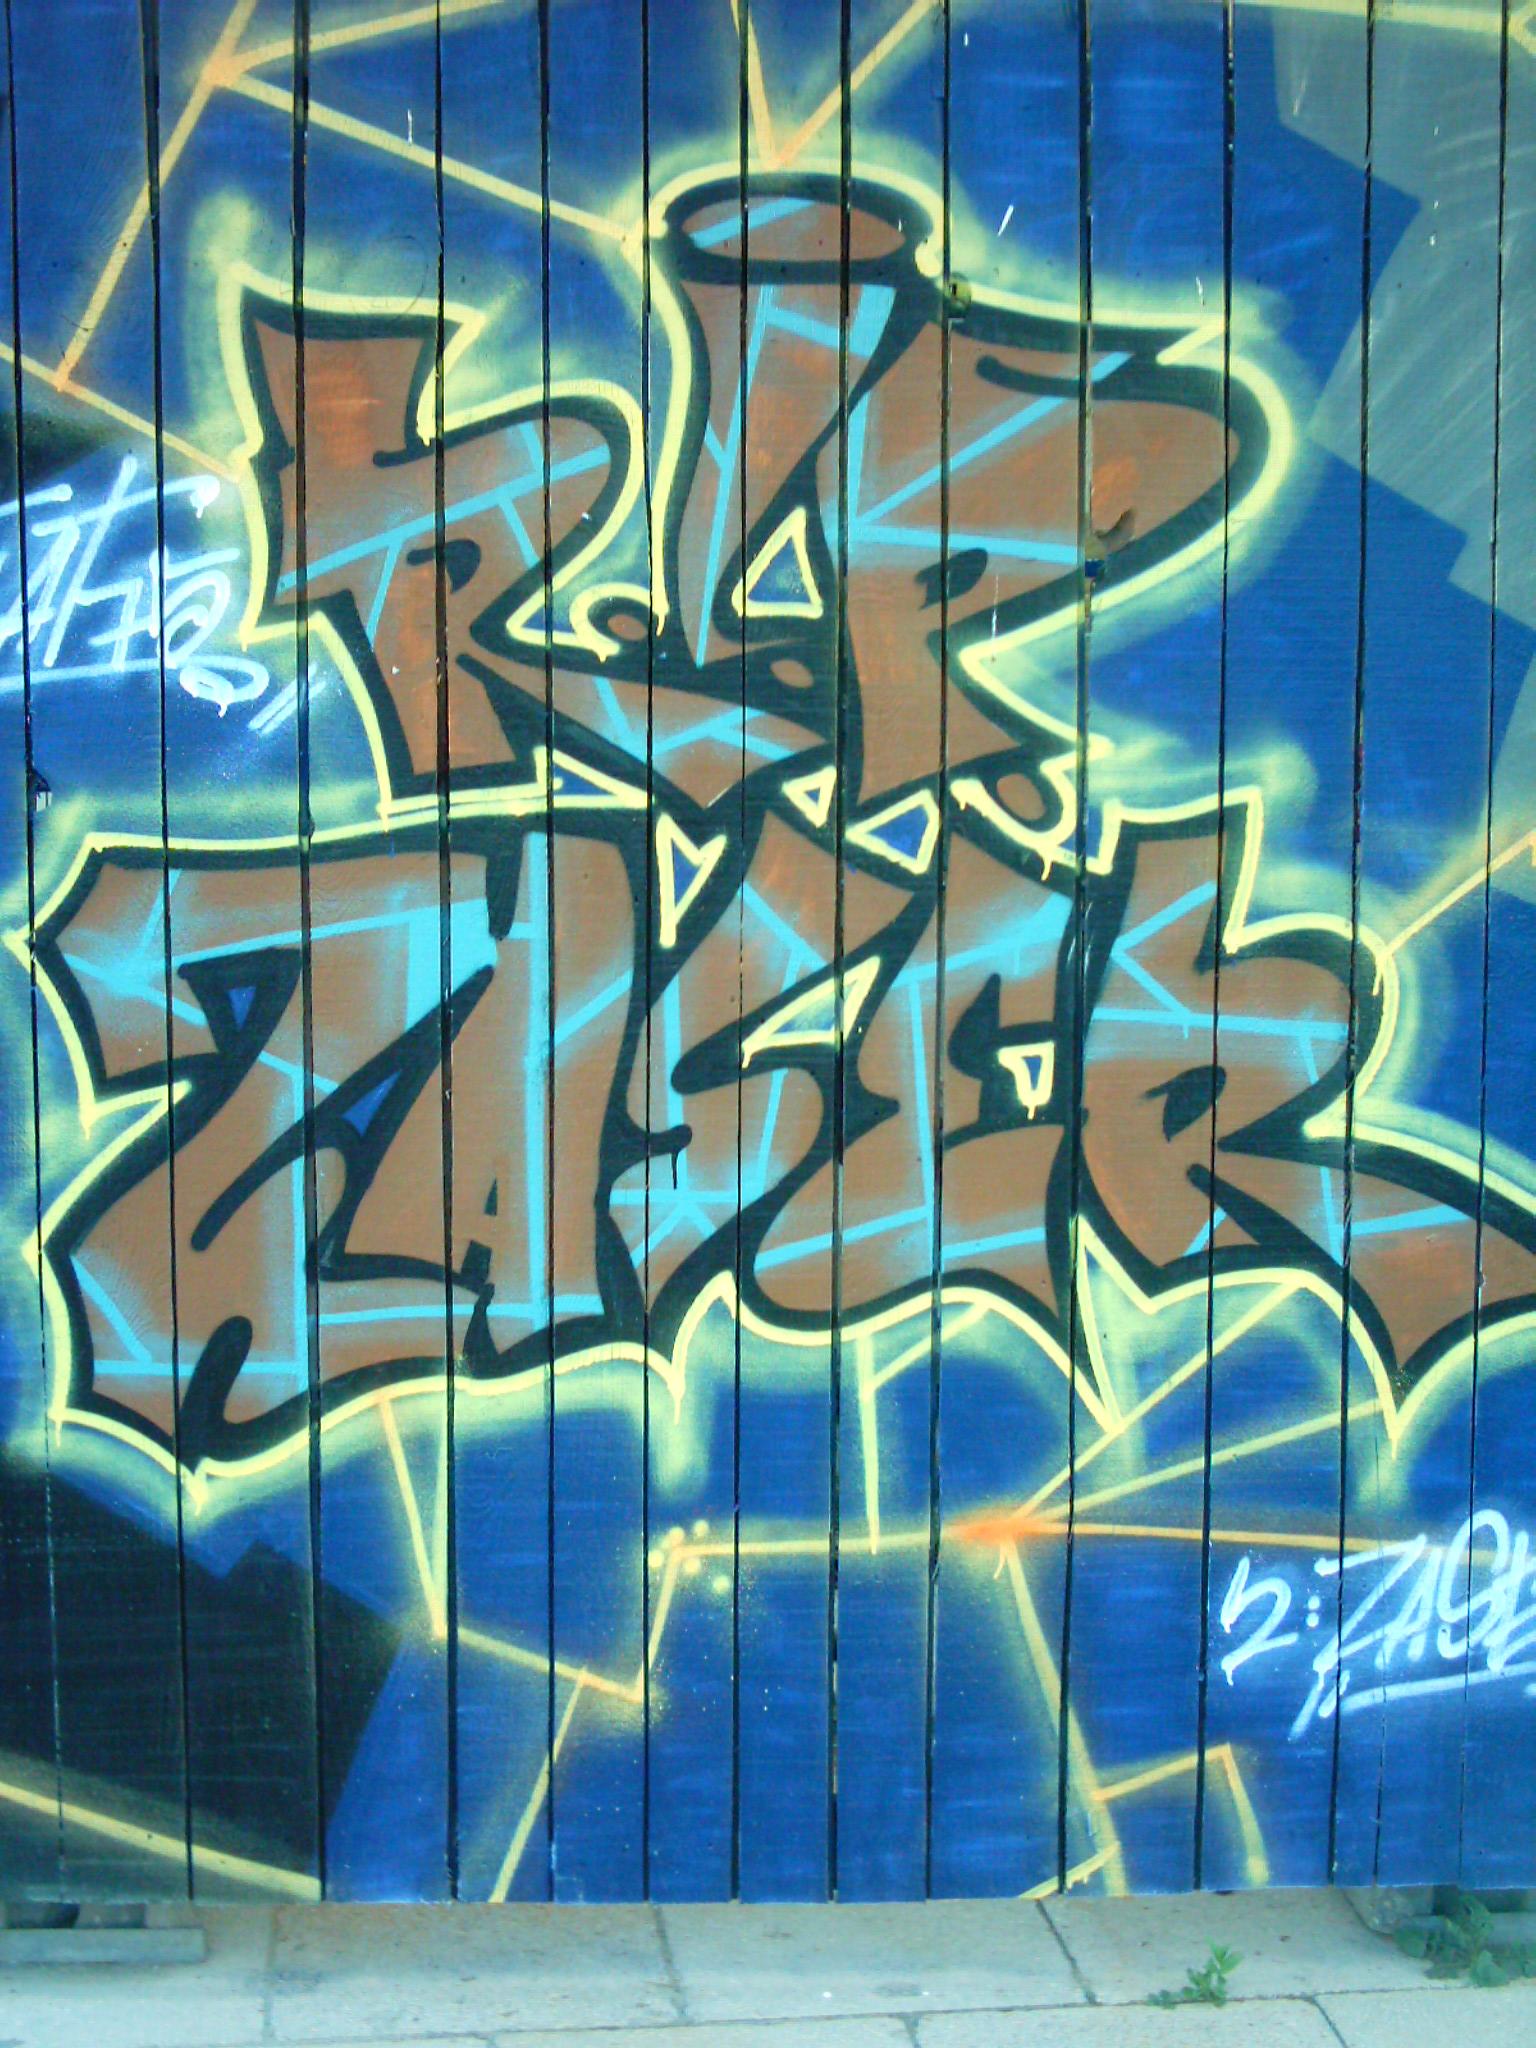 From Graffiti To Street Art Artpjf